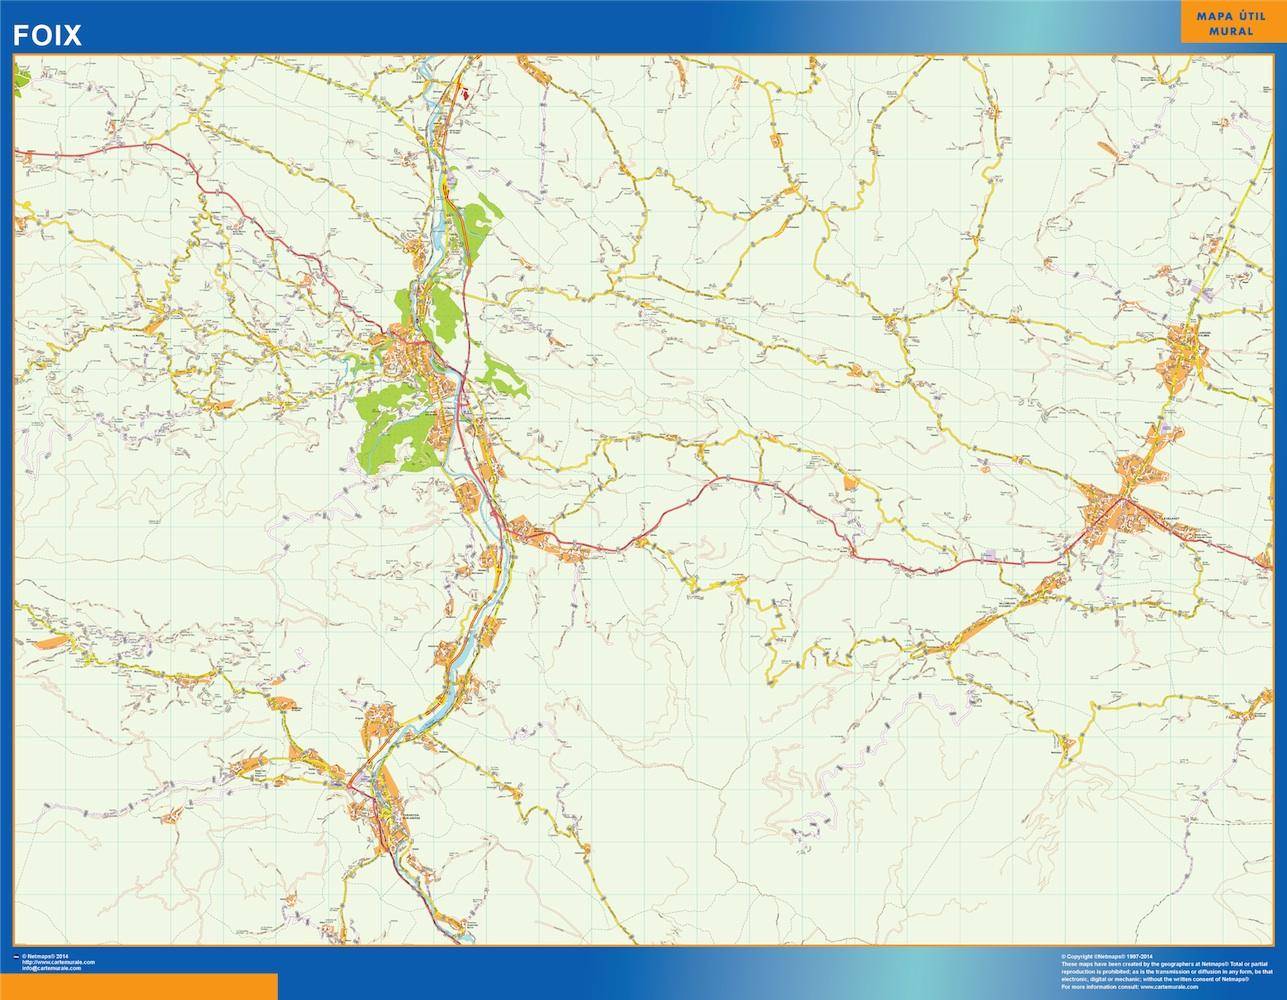 foix street map